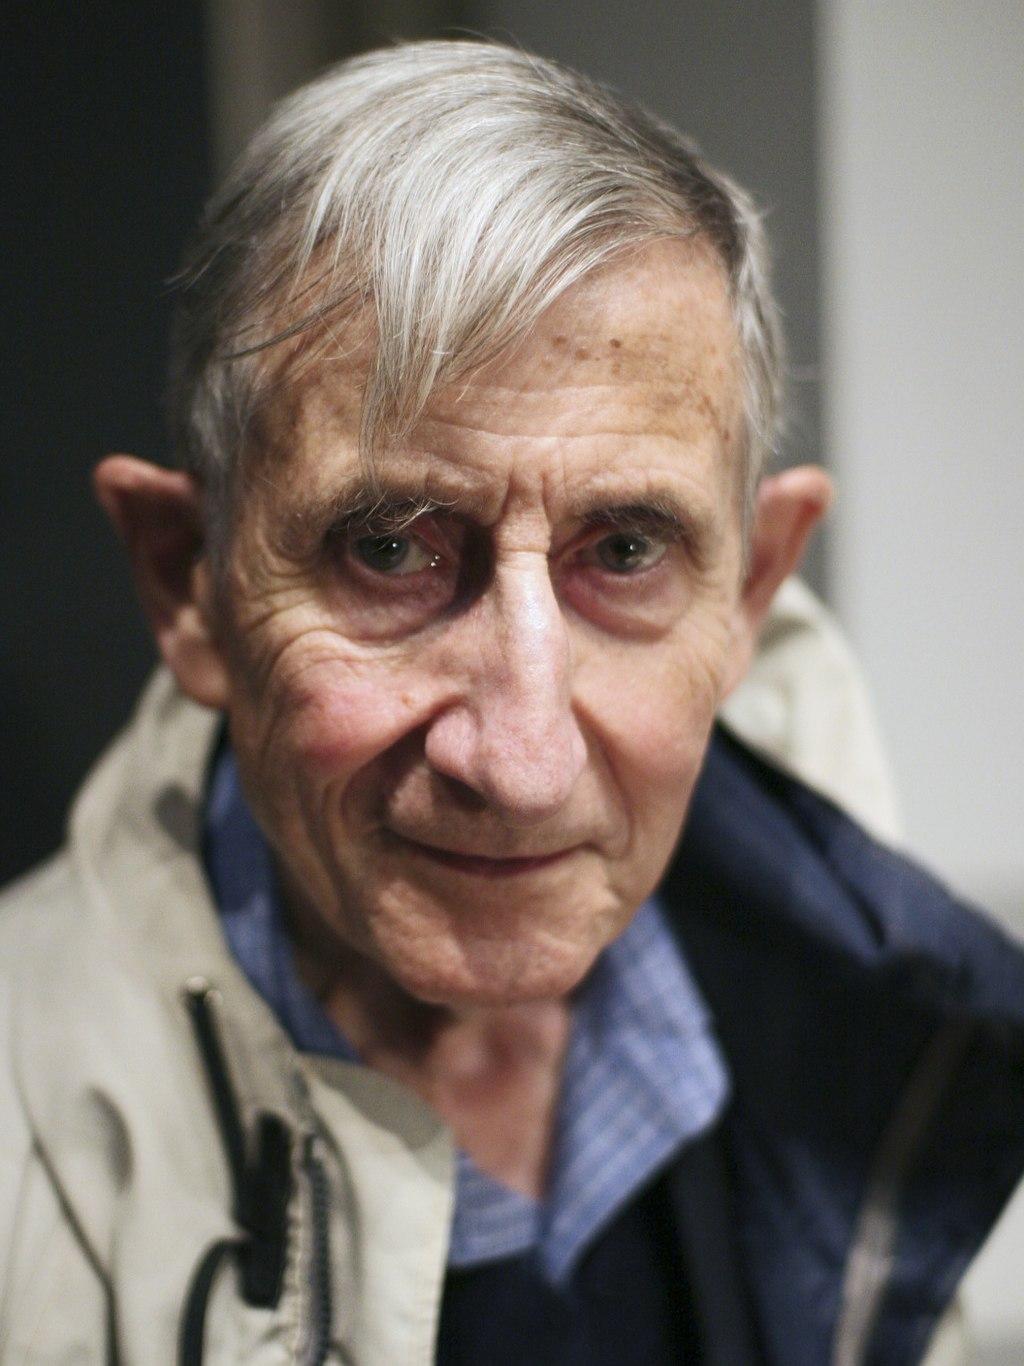 ฟรีแมนไดสัน Freeman Dyson จะเรียกว่าเป็นบิดาแห่งเรื่องนี้เลยก็ได้ จนได้รับขนานนามทุกๆแนวคิดเกี่ยวกับ สิ่งก่อสร้างรอบดาวฤกษ์ว่า Dyson sphere ตามชื่อของเขา เขาเกิดในปี ค.ศ. 1923 ปัจจุบันอายุ 95 ปี (2019)